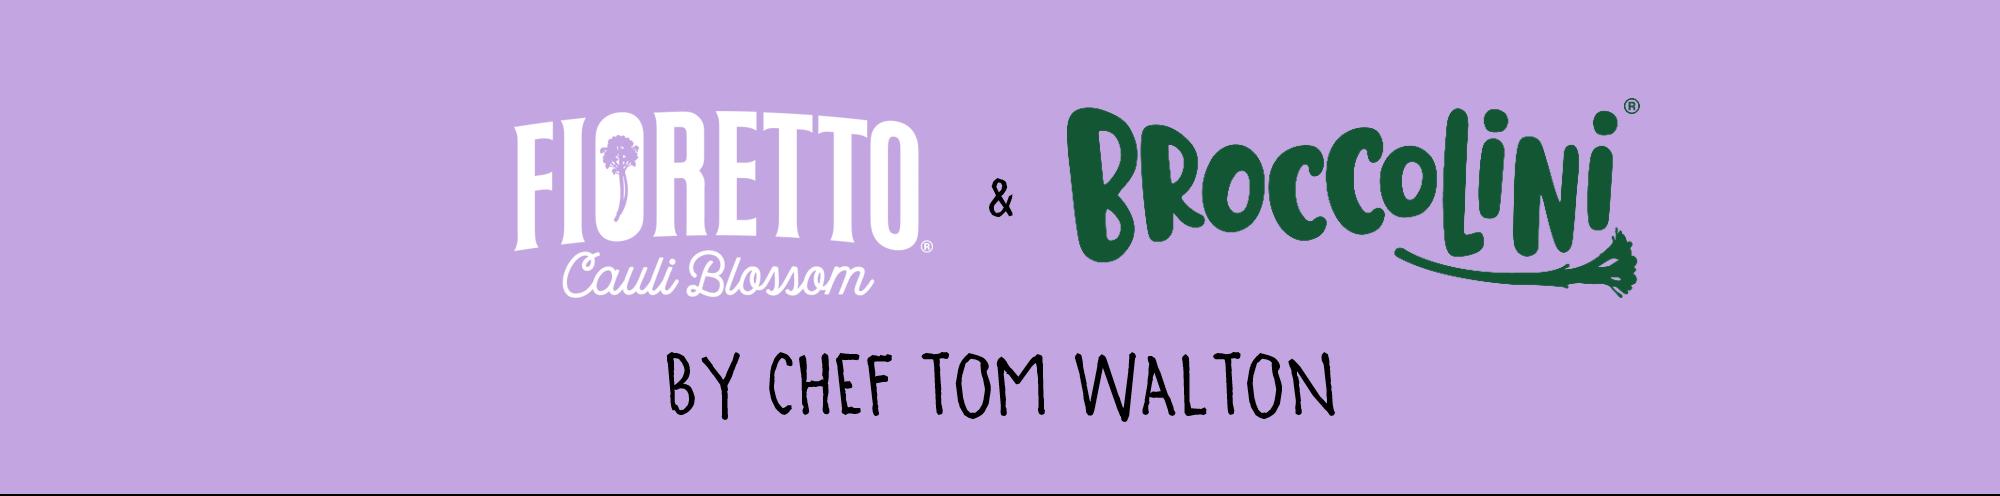 Fioretto and Broccolini by Chef Tom Walton